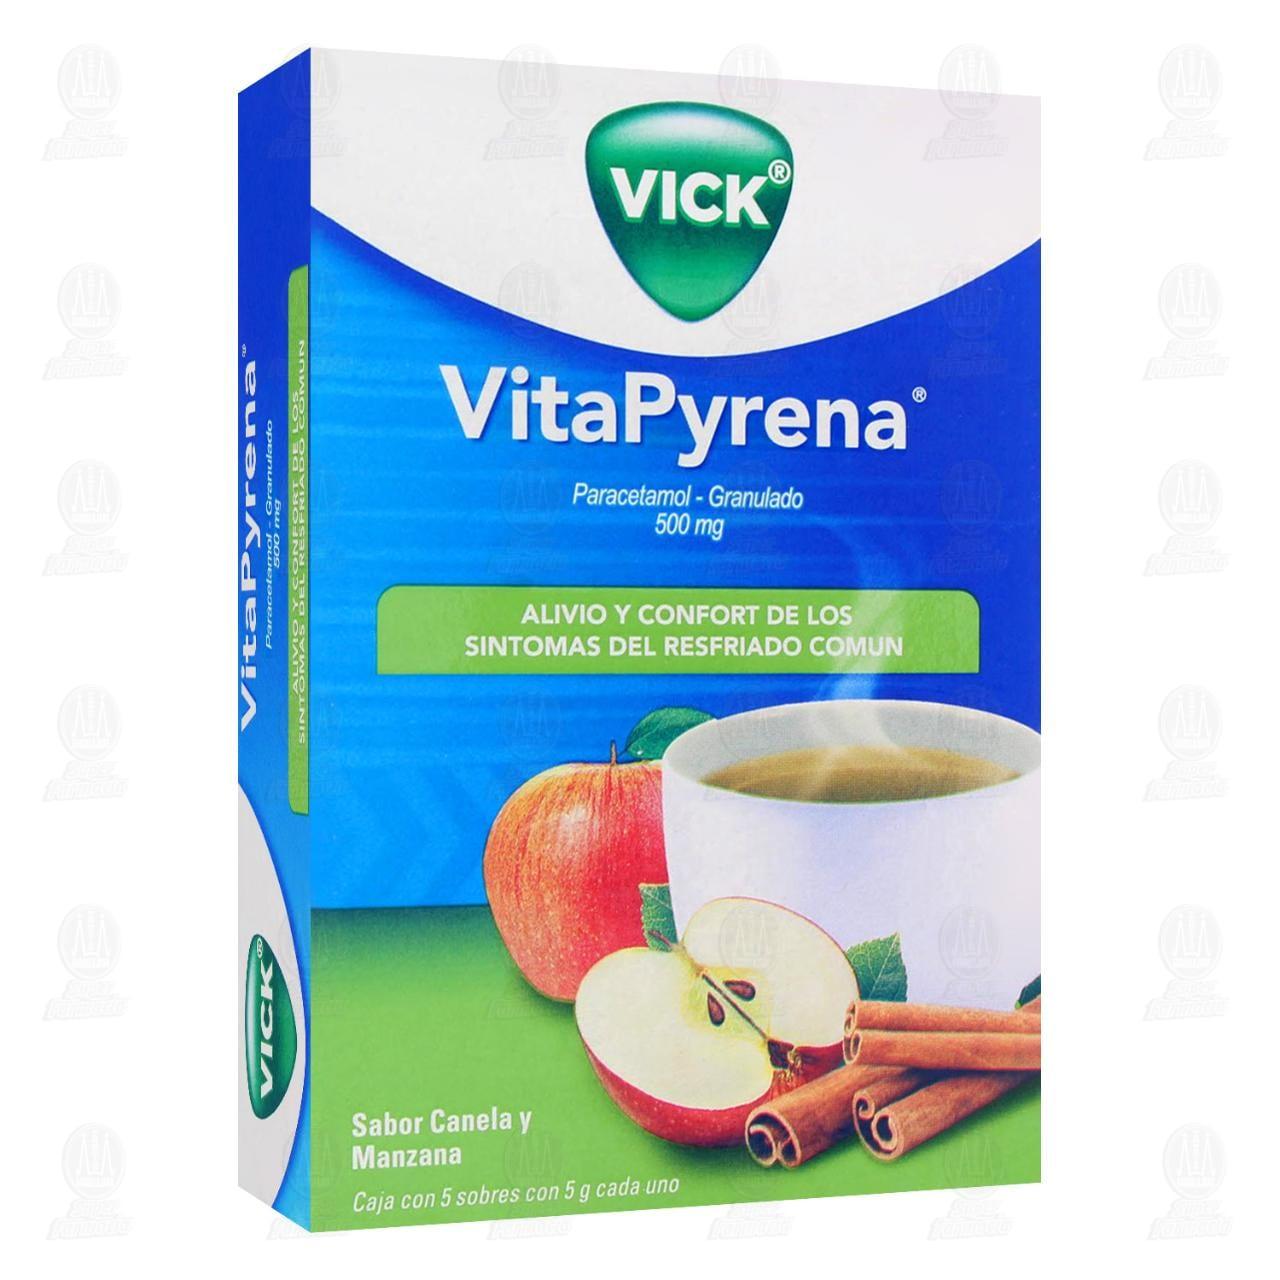 Comprar Vick VitaPyrena Sabor Canela y Manzana 5 Sobres en Farmacias Guadalajara